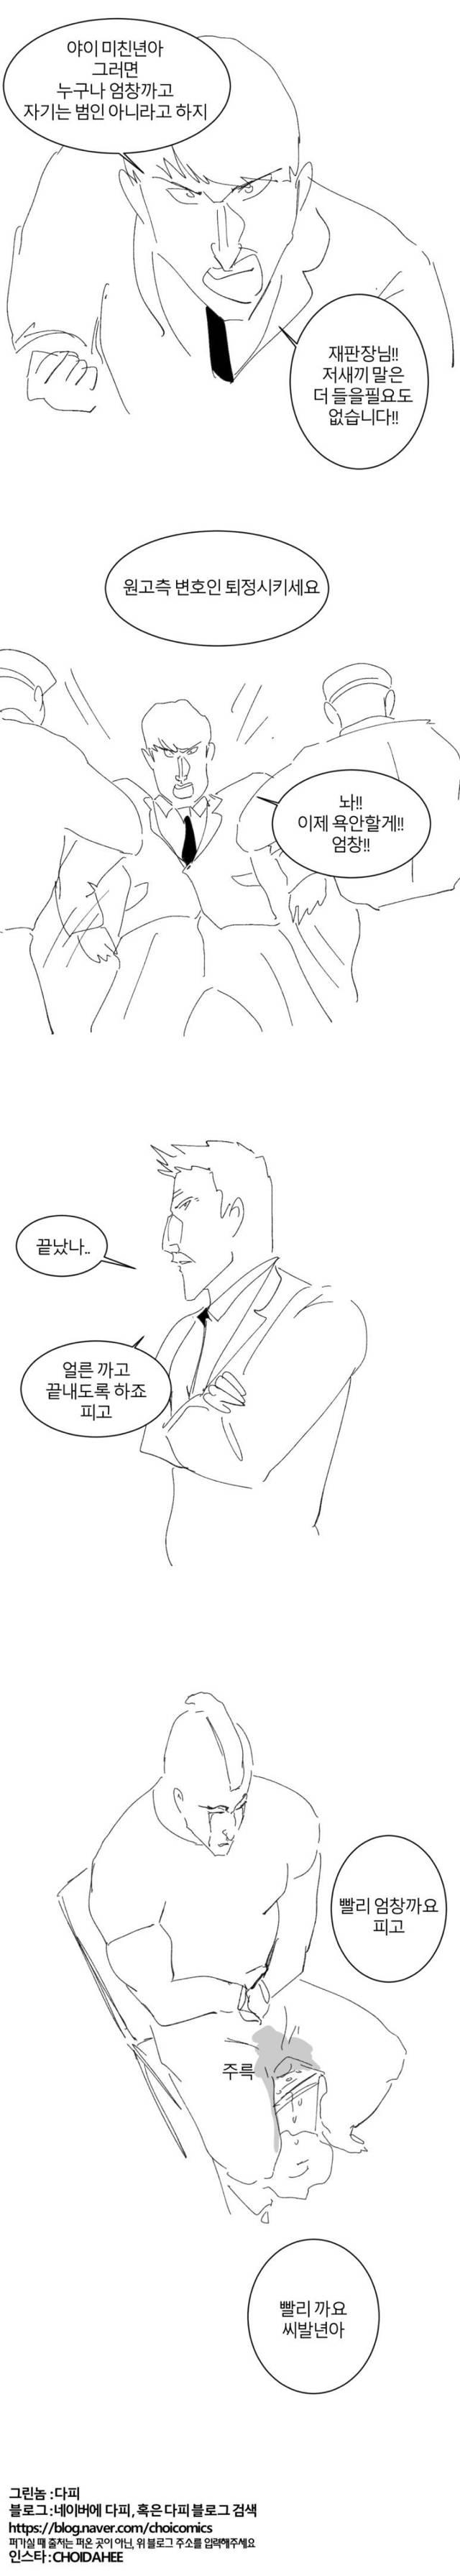 치열한 법정공방 만화 | 인스티즈